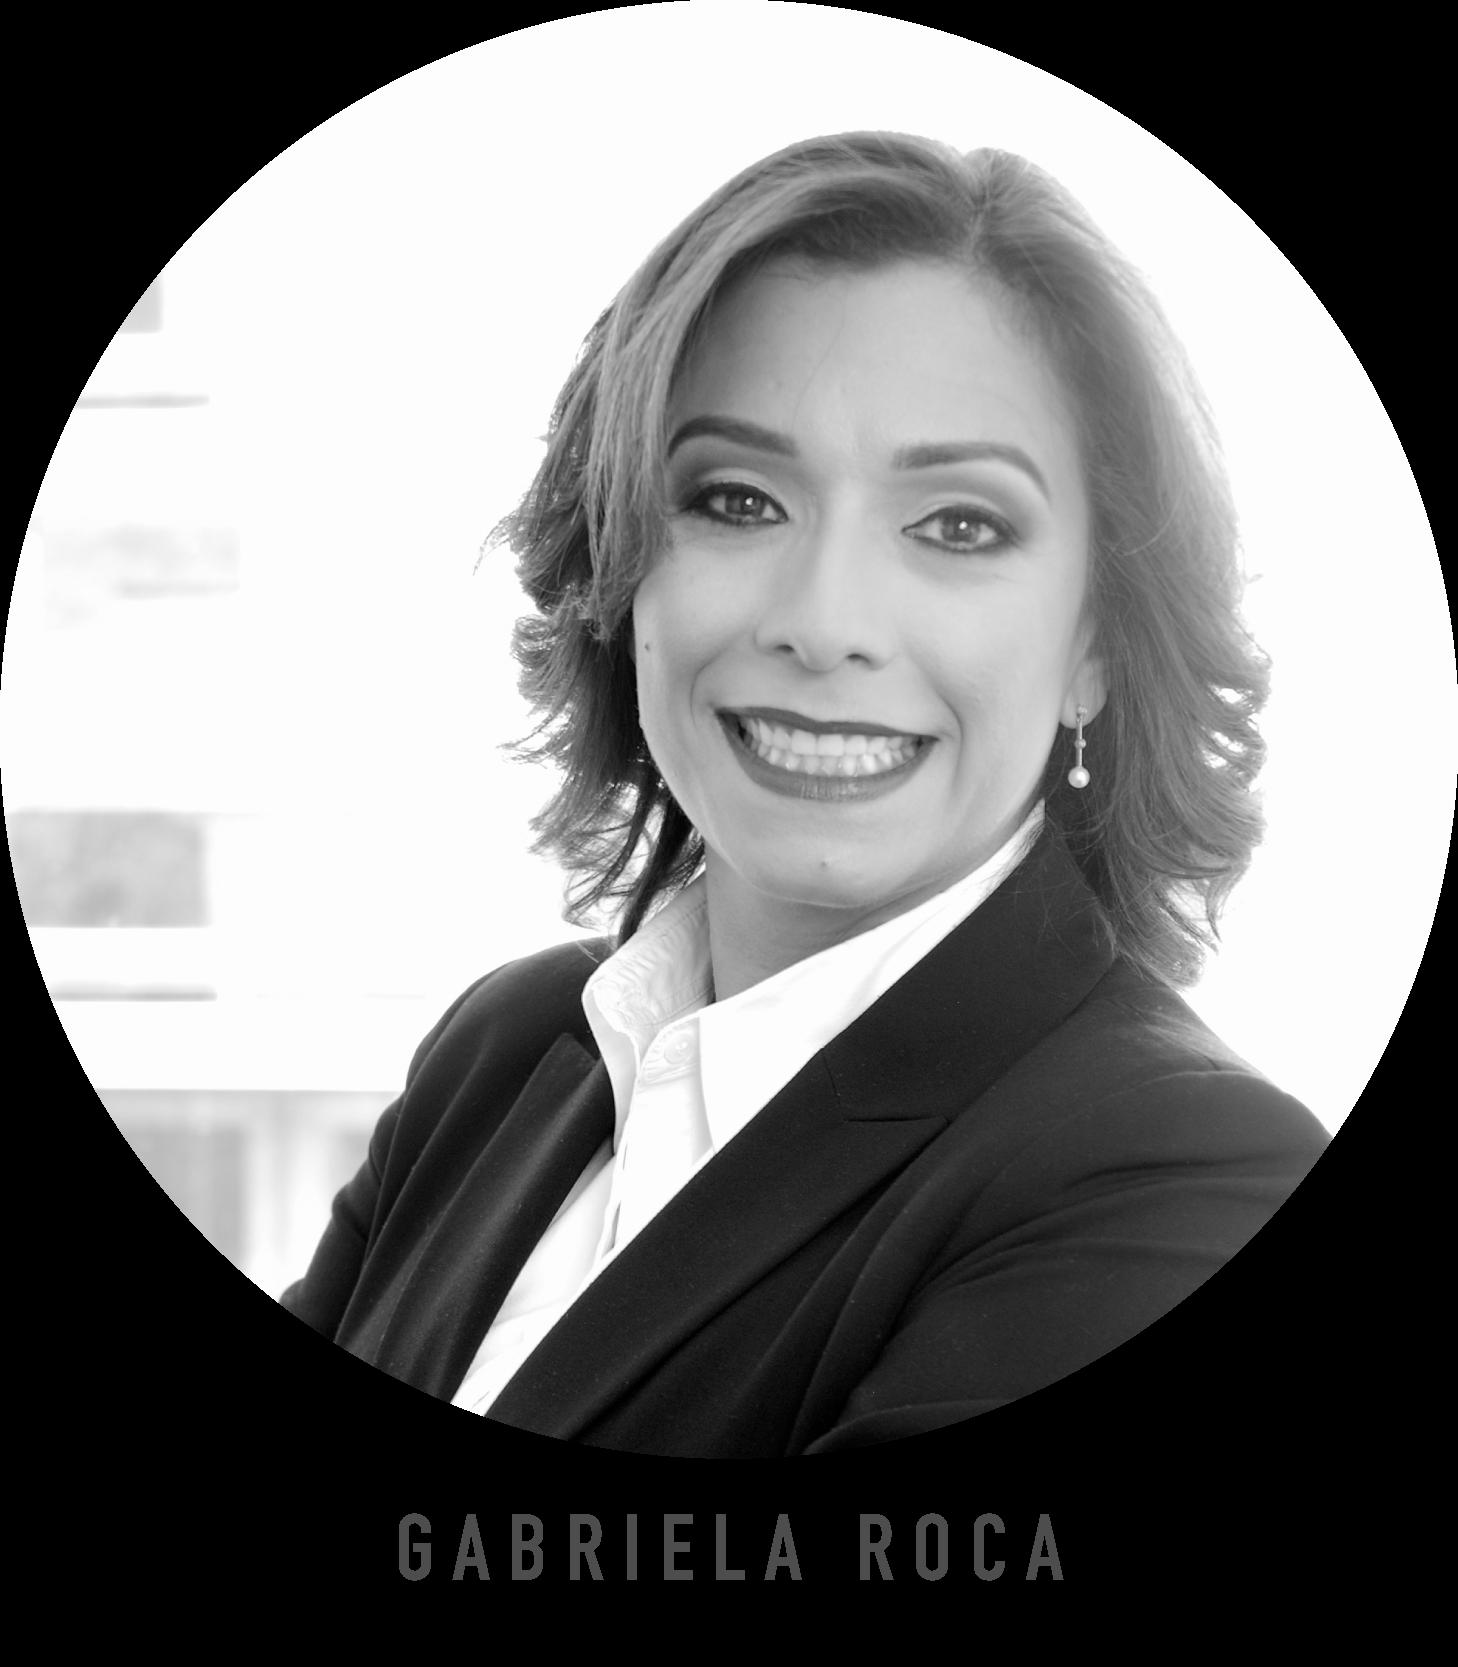 GABRIELA_ROCA.png